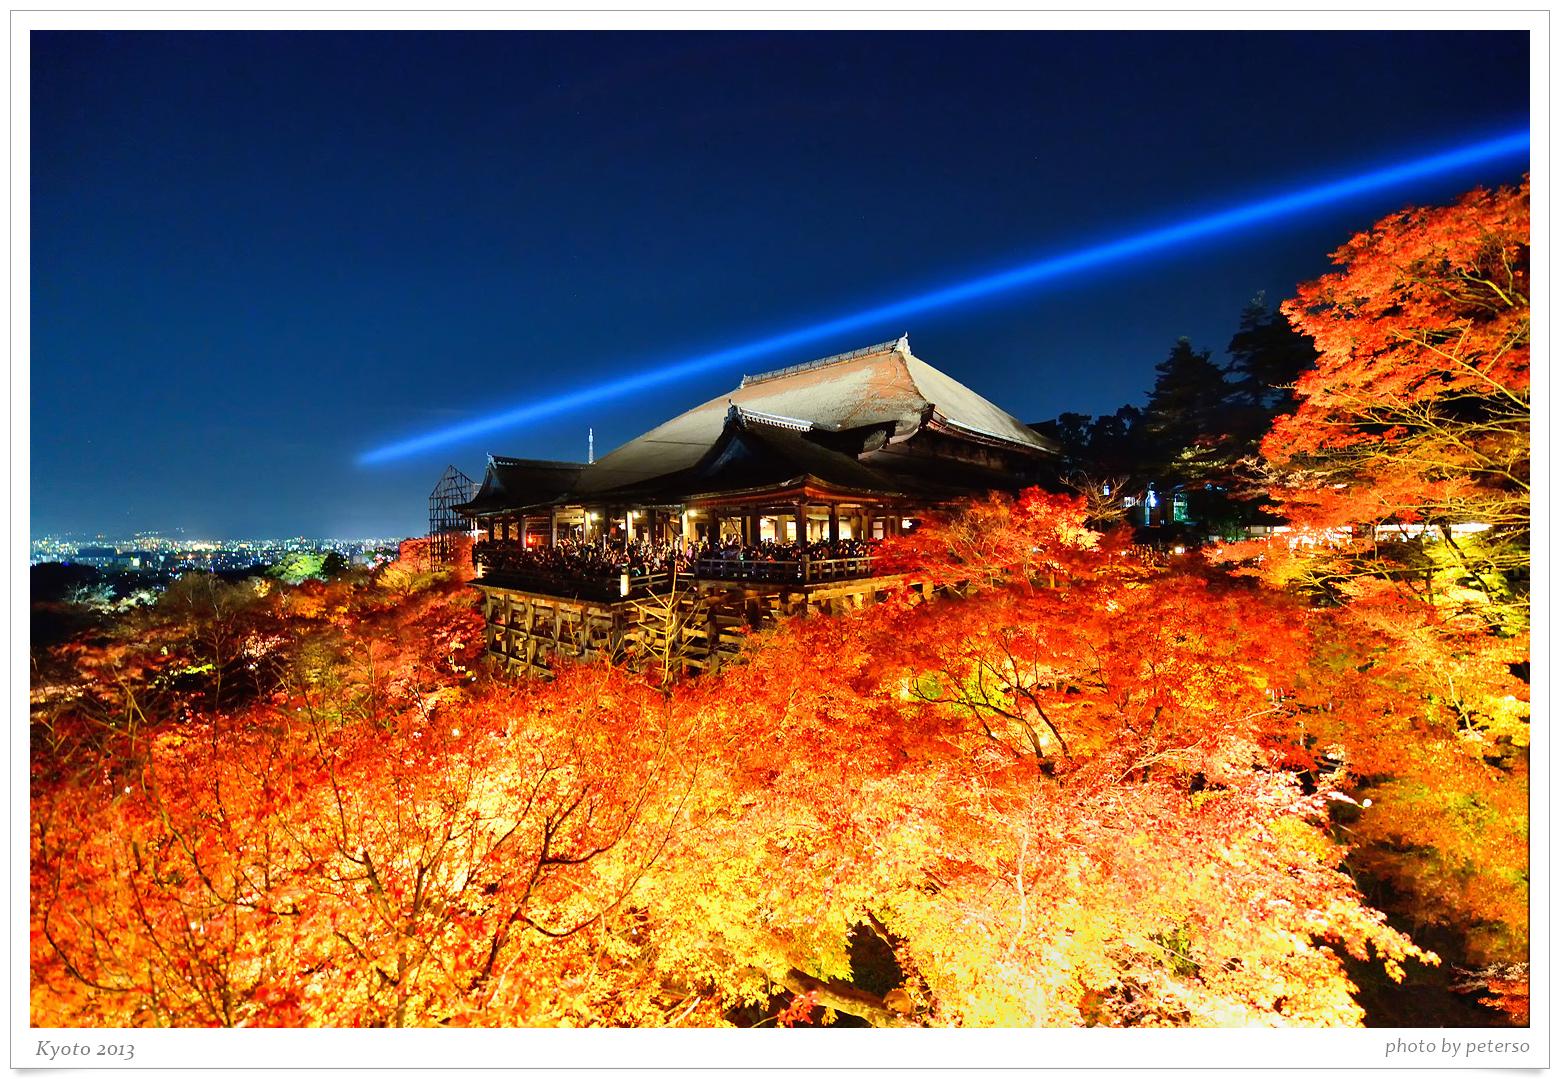 https://photos.smugmug.com/Travel/Kyoto-2013/i-B4Fgzjh/0/4145f5f3/O/501f.jpg